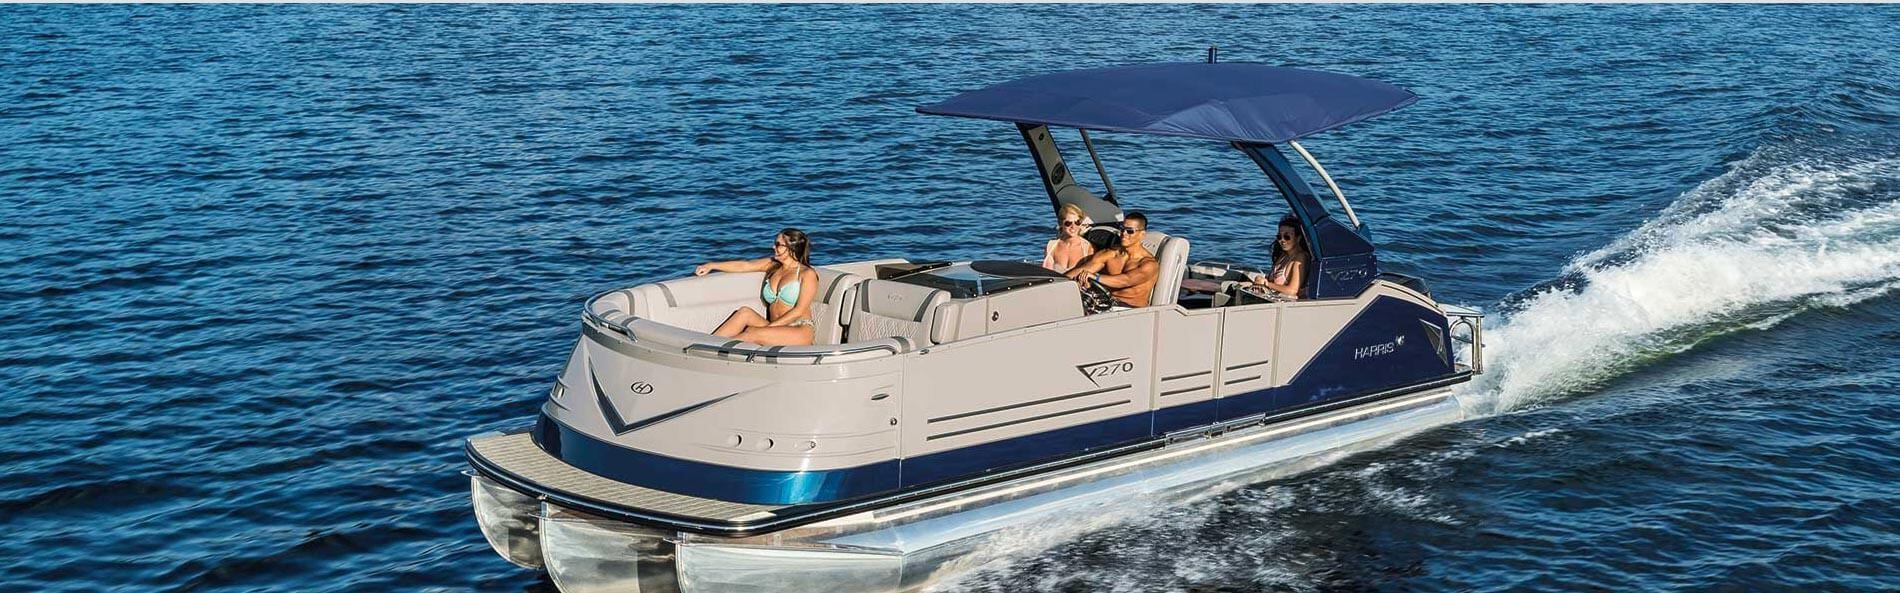 People on a pontoon boat